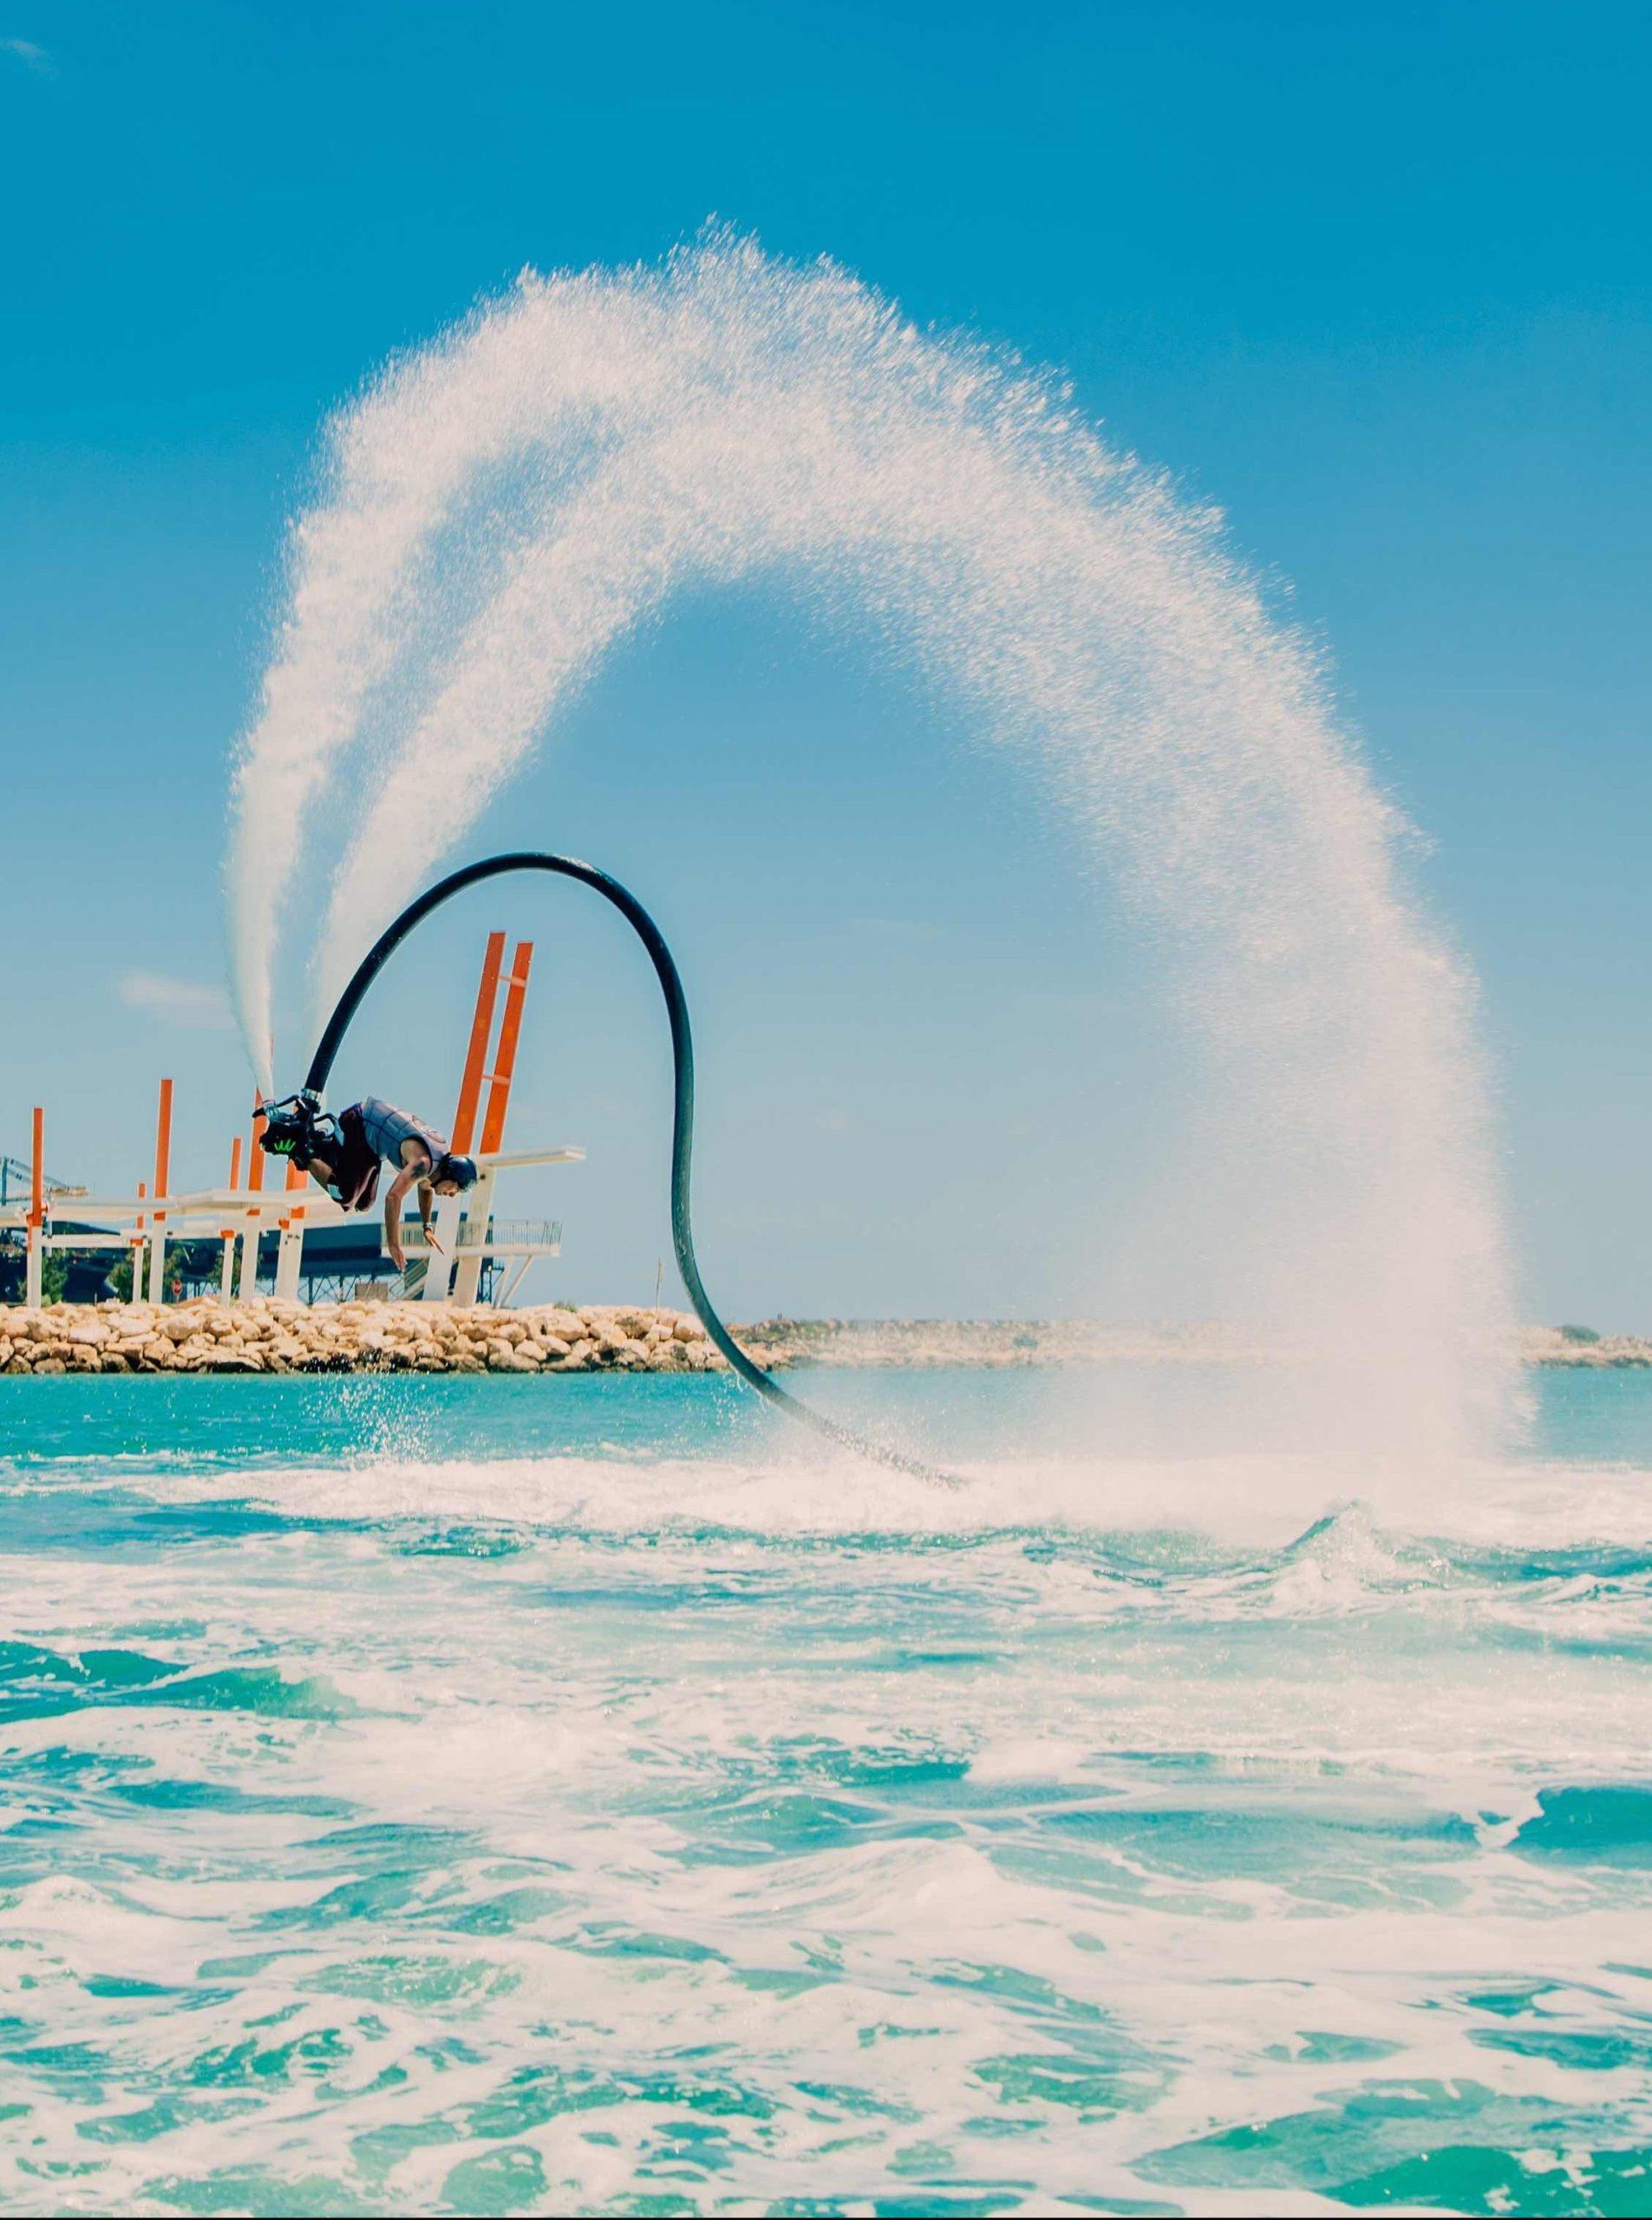 watersport bookings in western australia